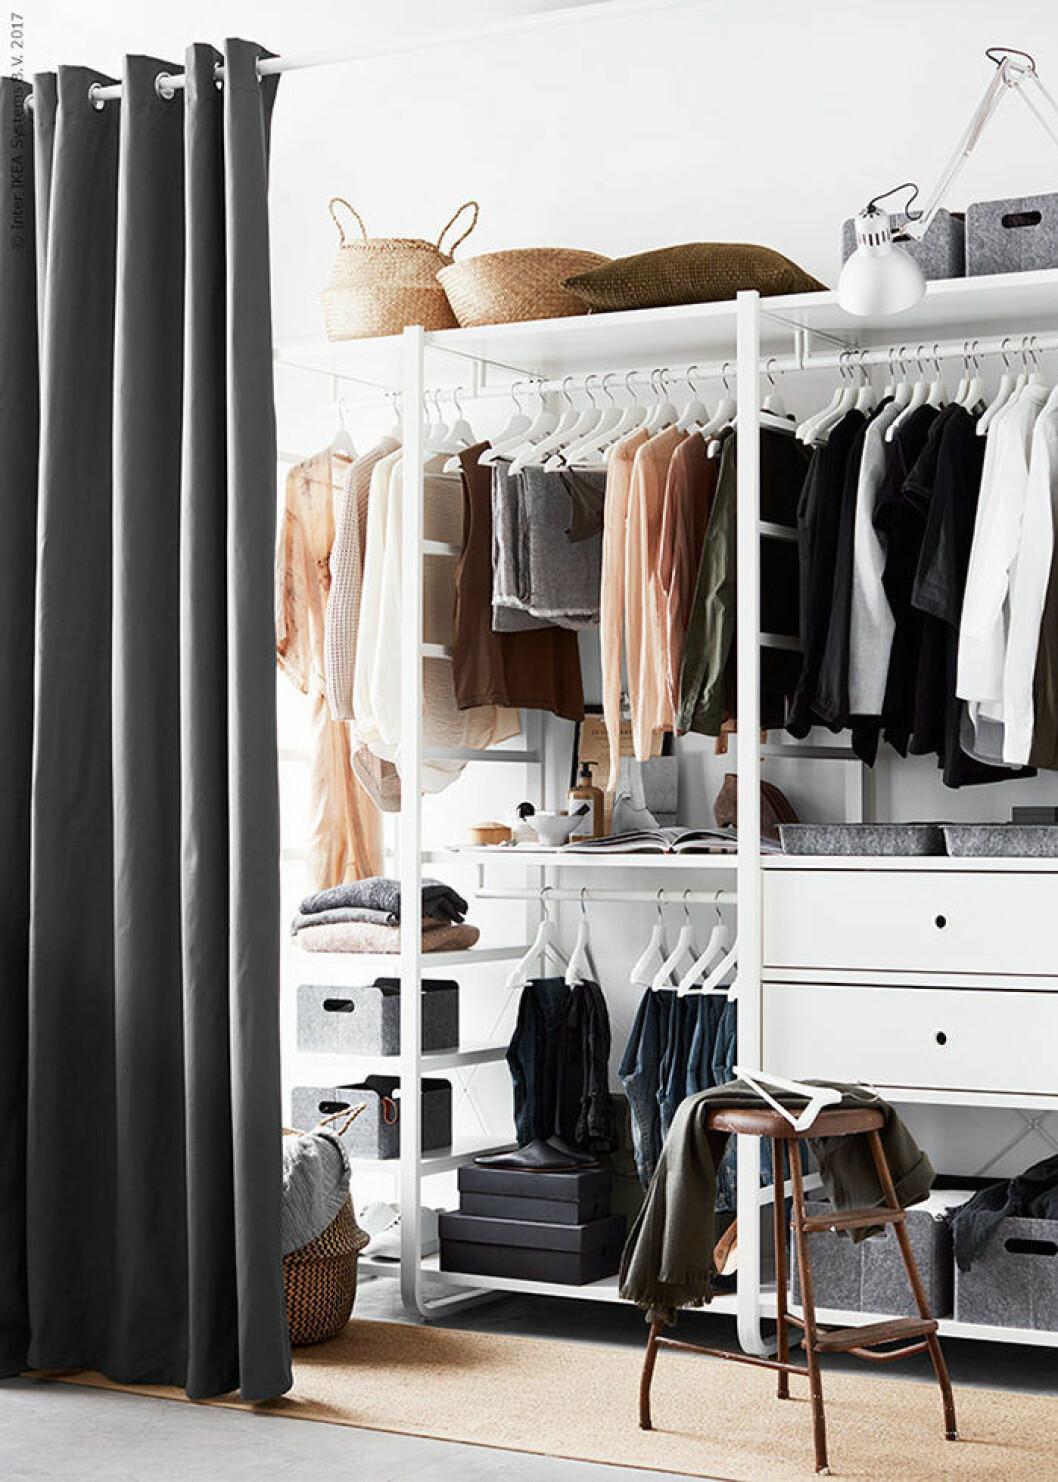 Garderob med drapperi